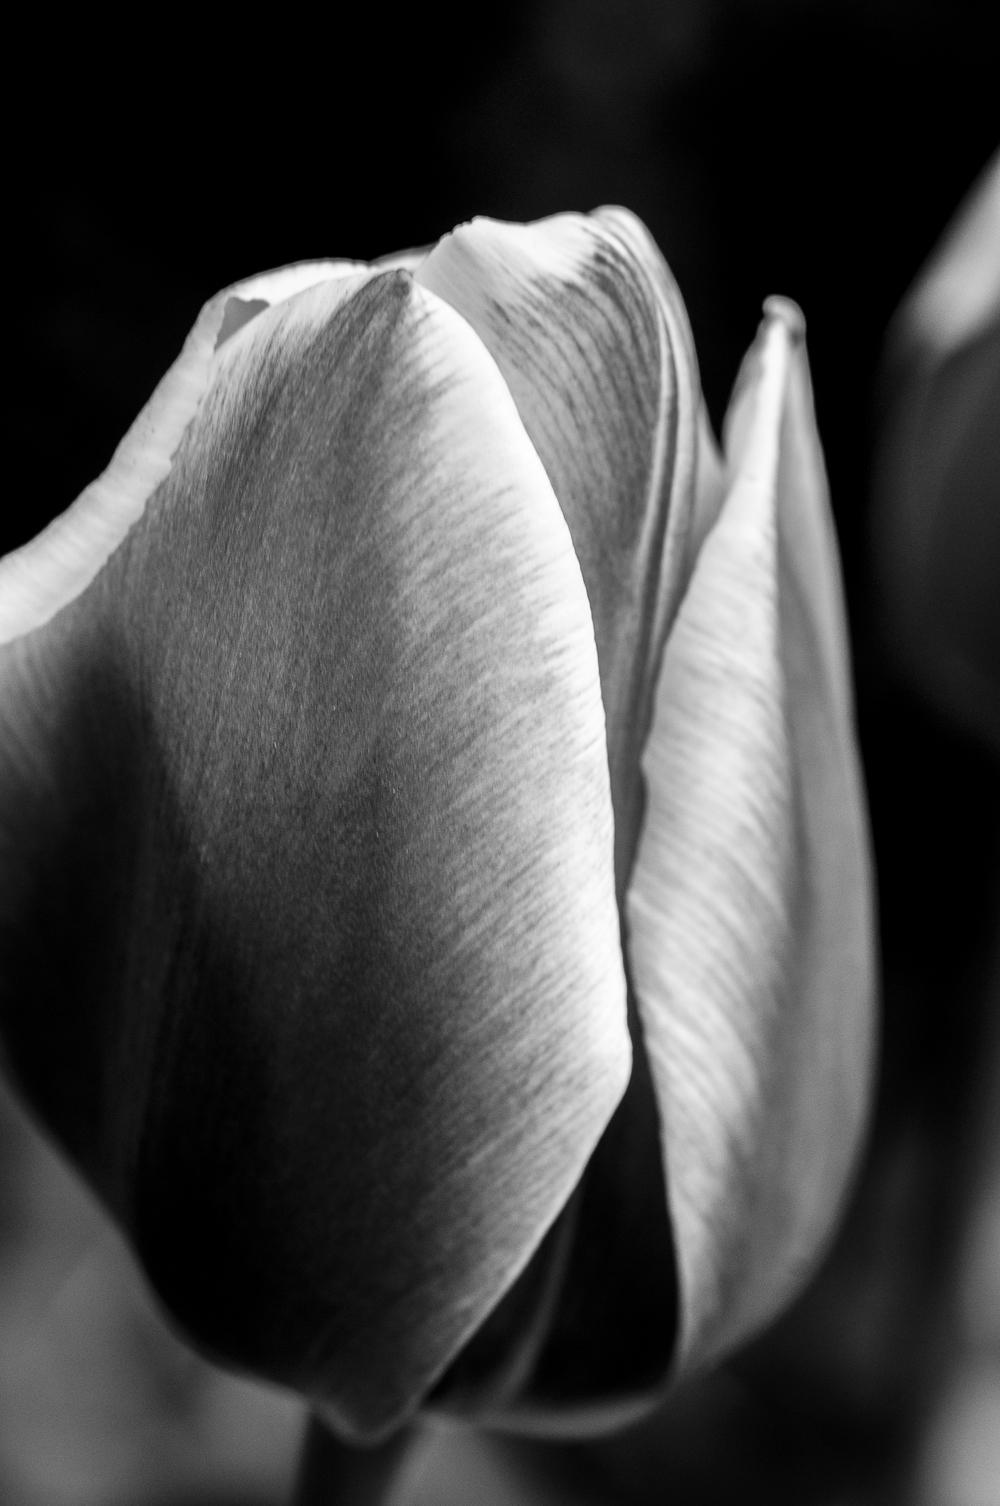 Tulip # 2